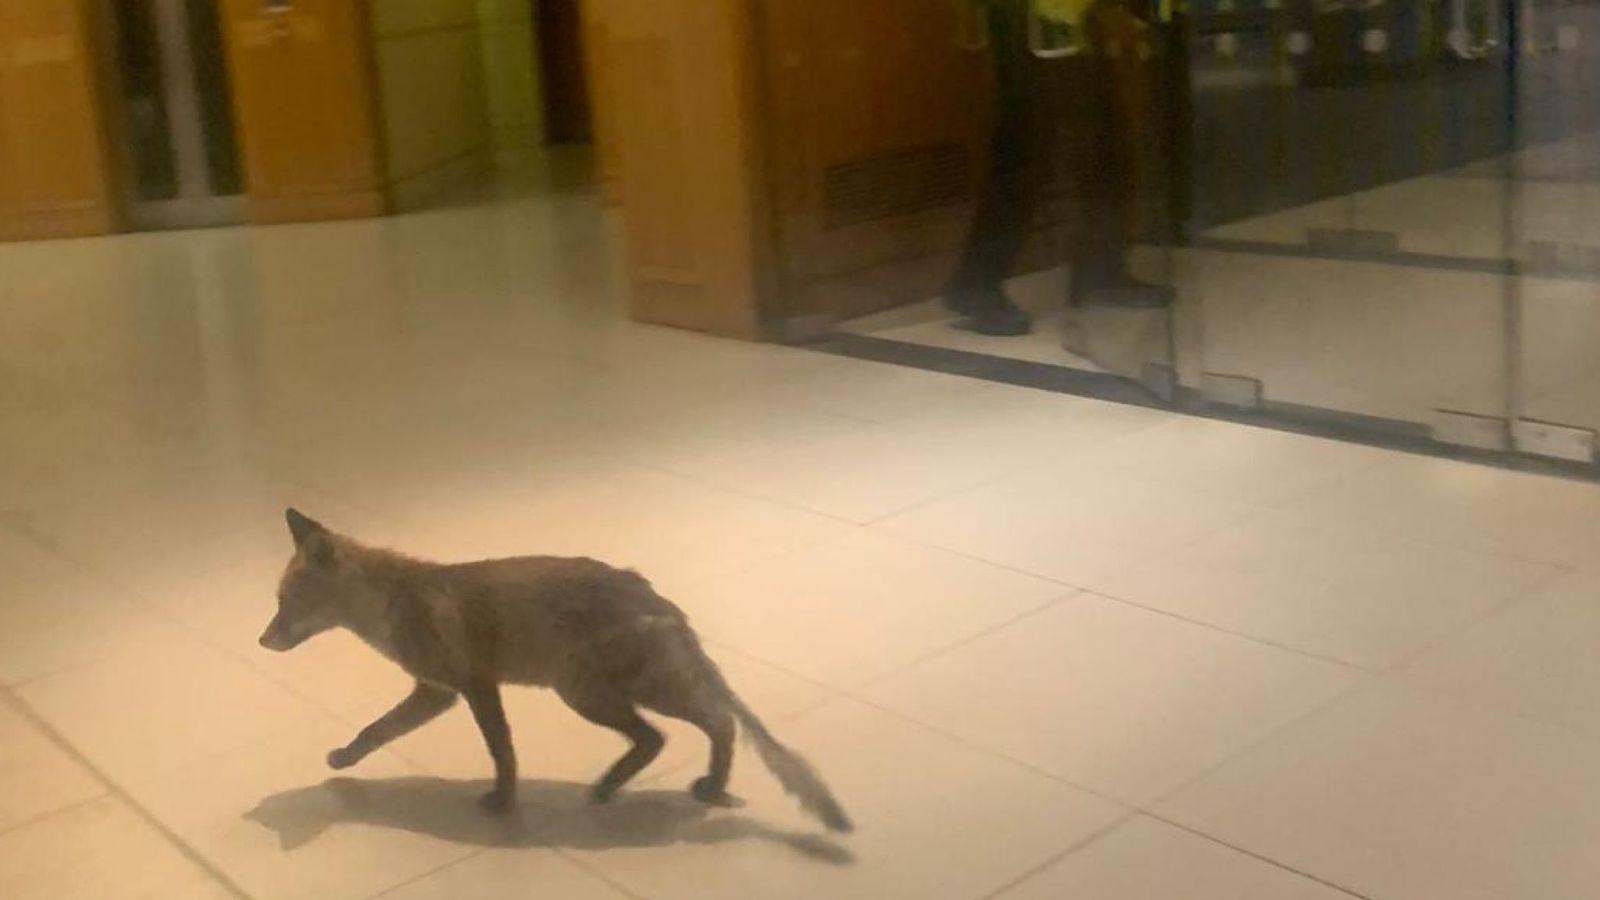 Beszökött egy róka a brit parlamentbe, mozgólépcsőzött egy jót, odakakált, aztán fogták és kizsuppolták az utcára